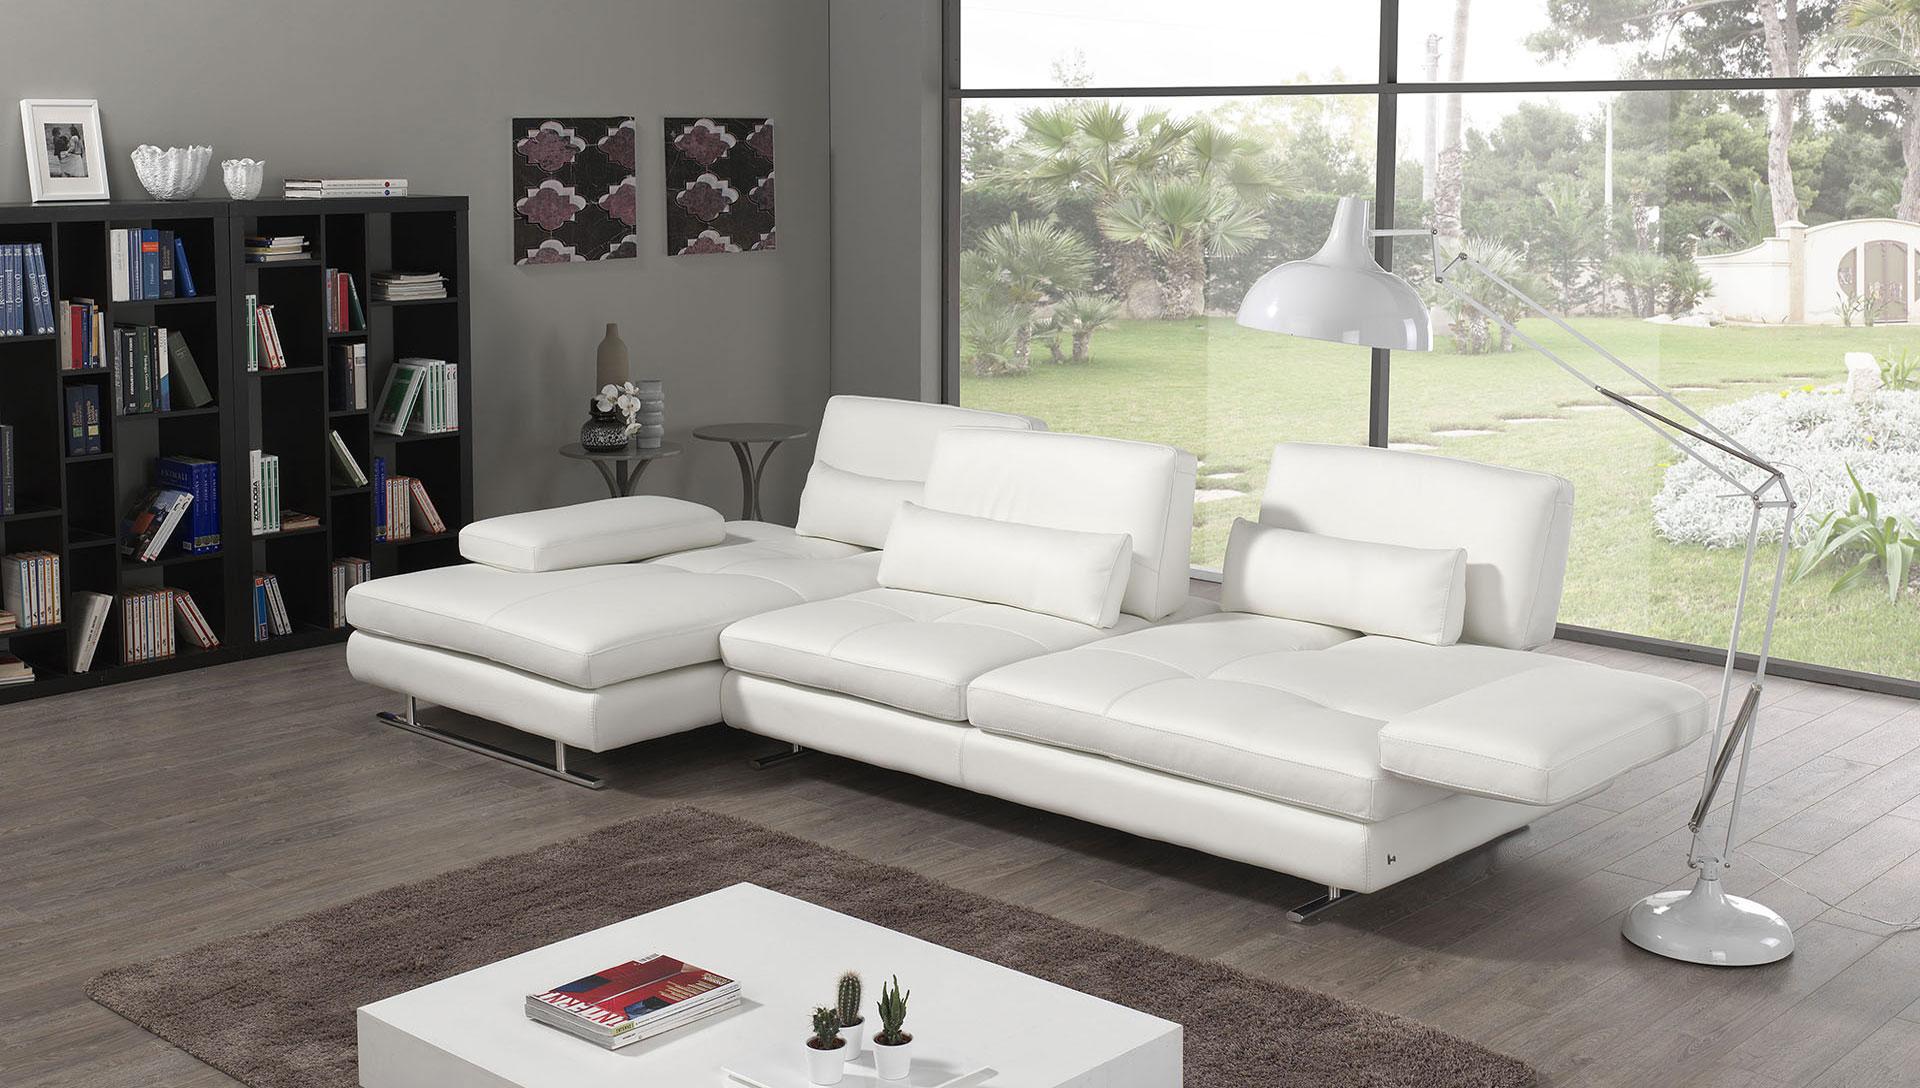 divani-nicoletti-home-comodus-arredamenti-nicoletti-interni-interior-design-divani-complementi-arredo-mobili-design-accessori-matera